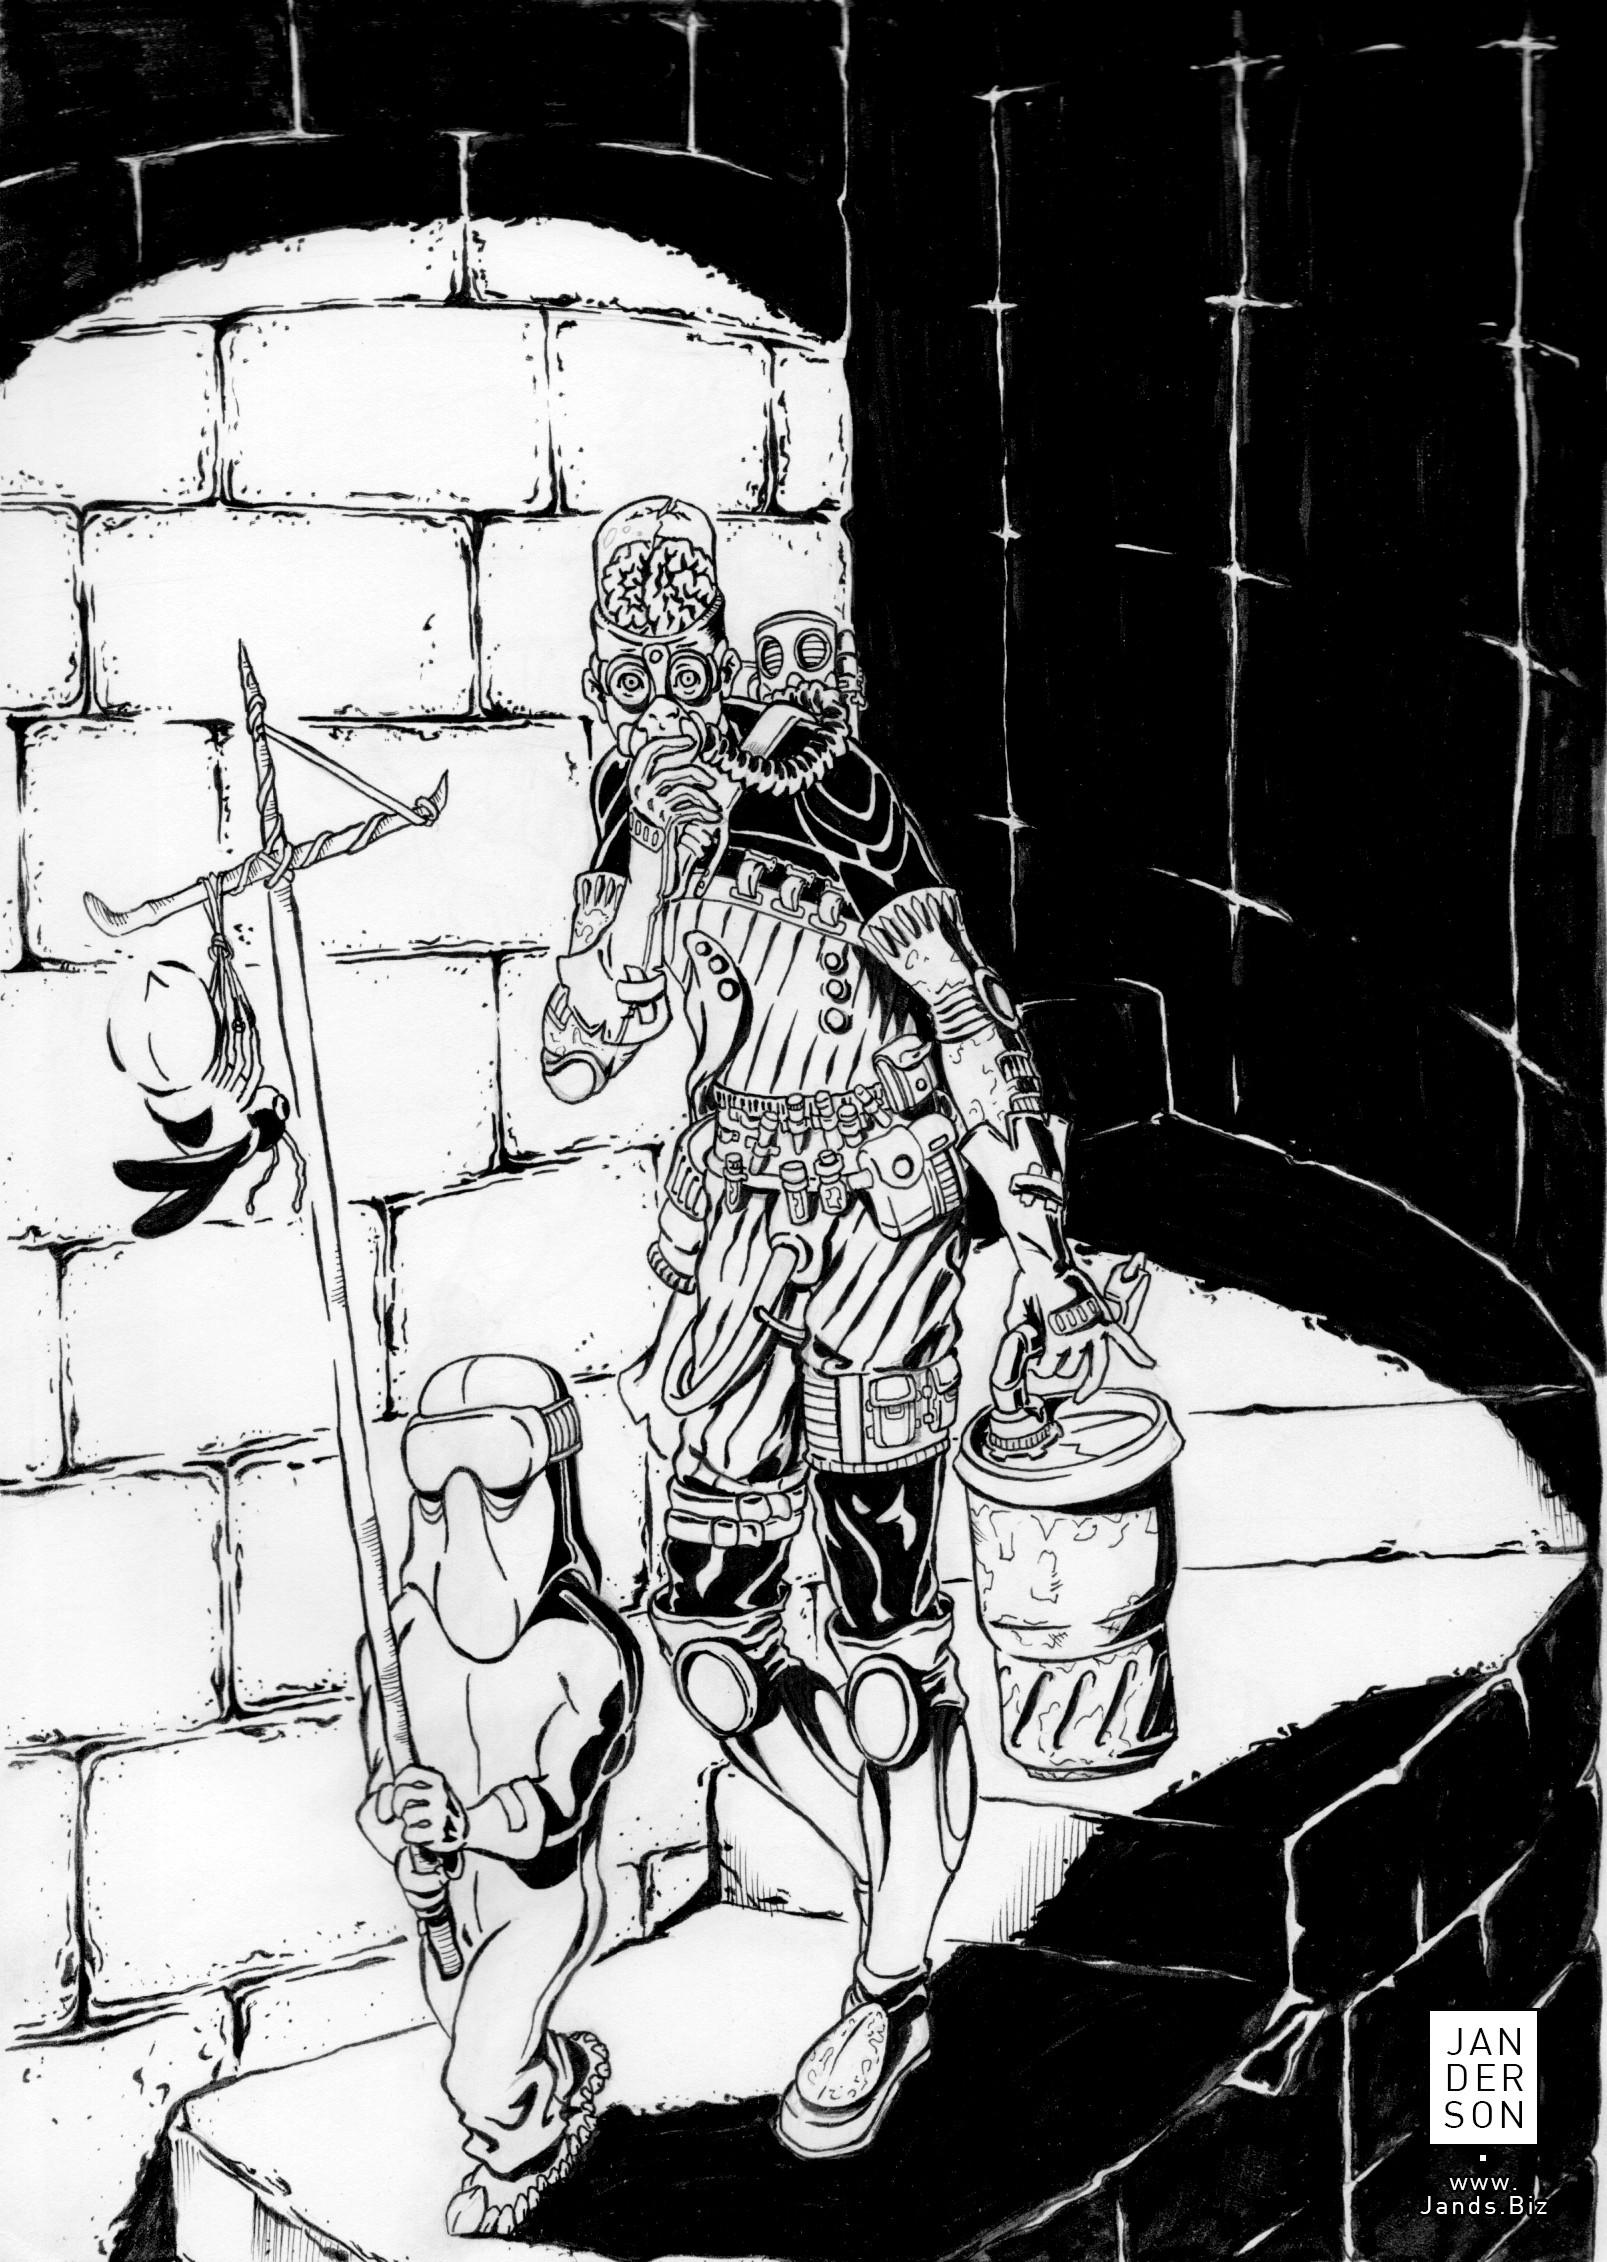 Janderson bittencourt dos santos janderson ink 02a jands biz